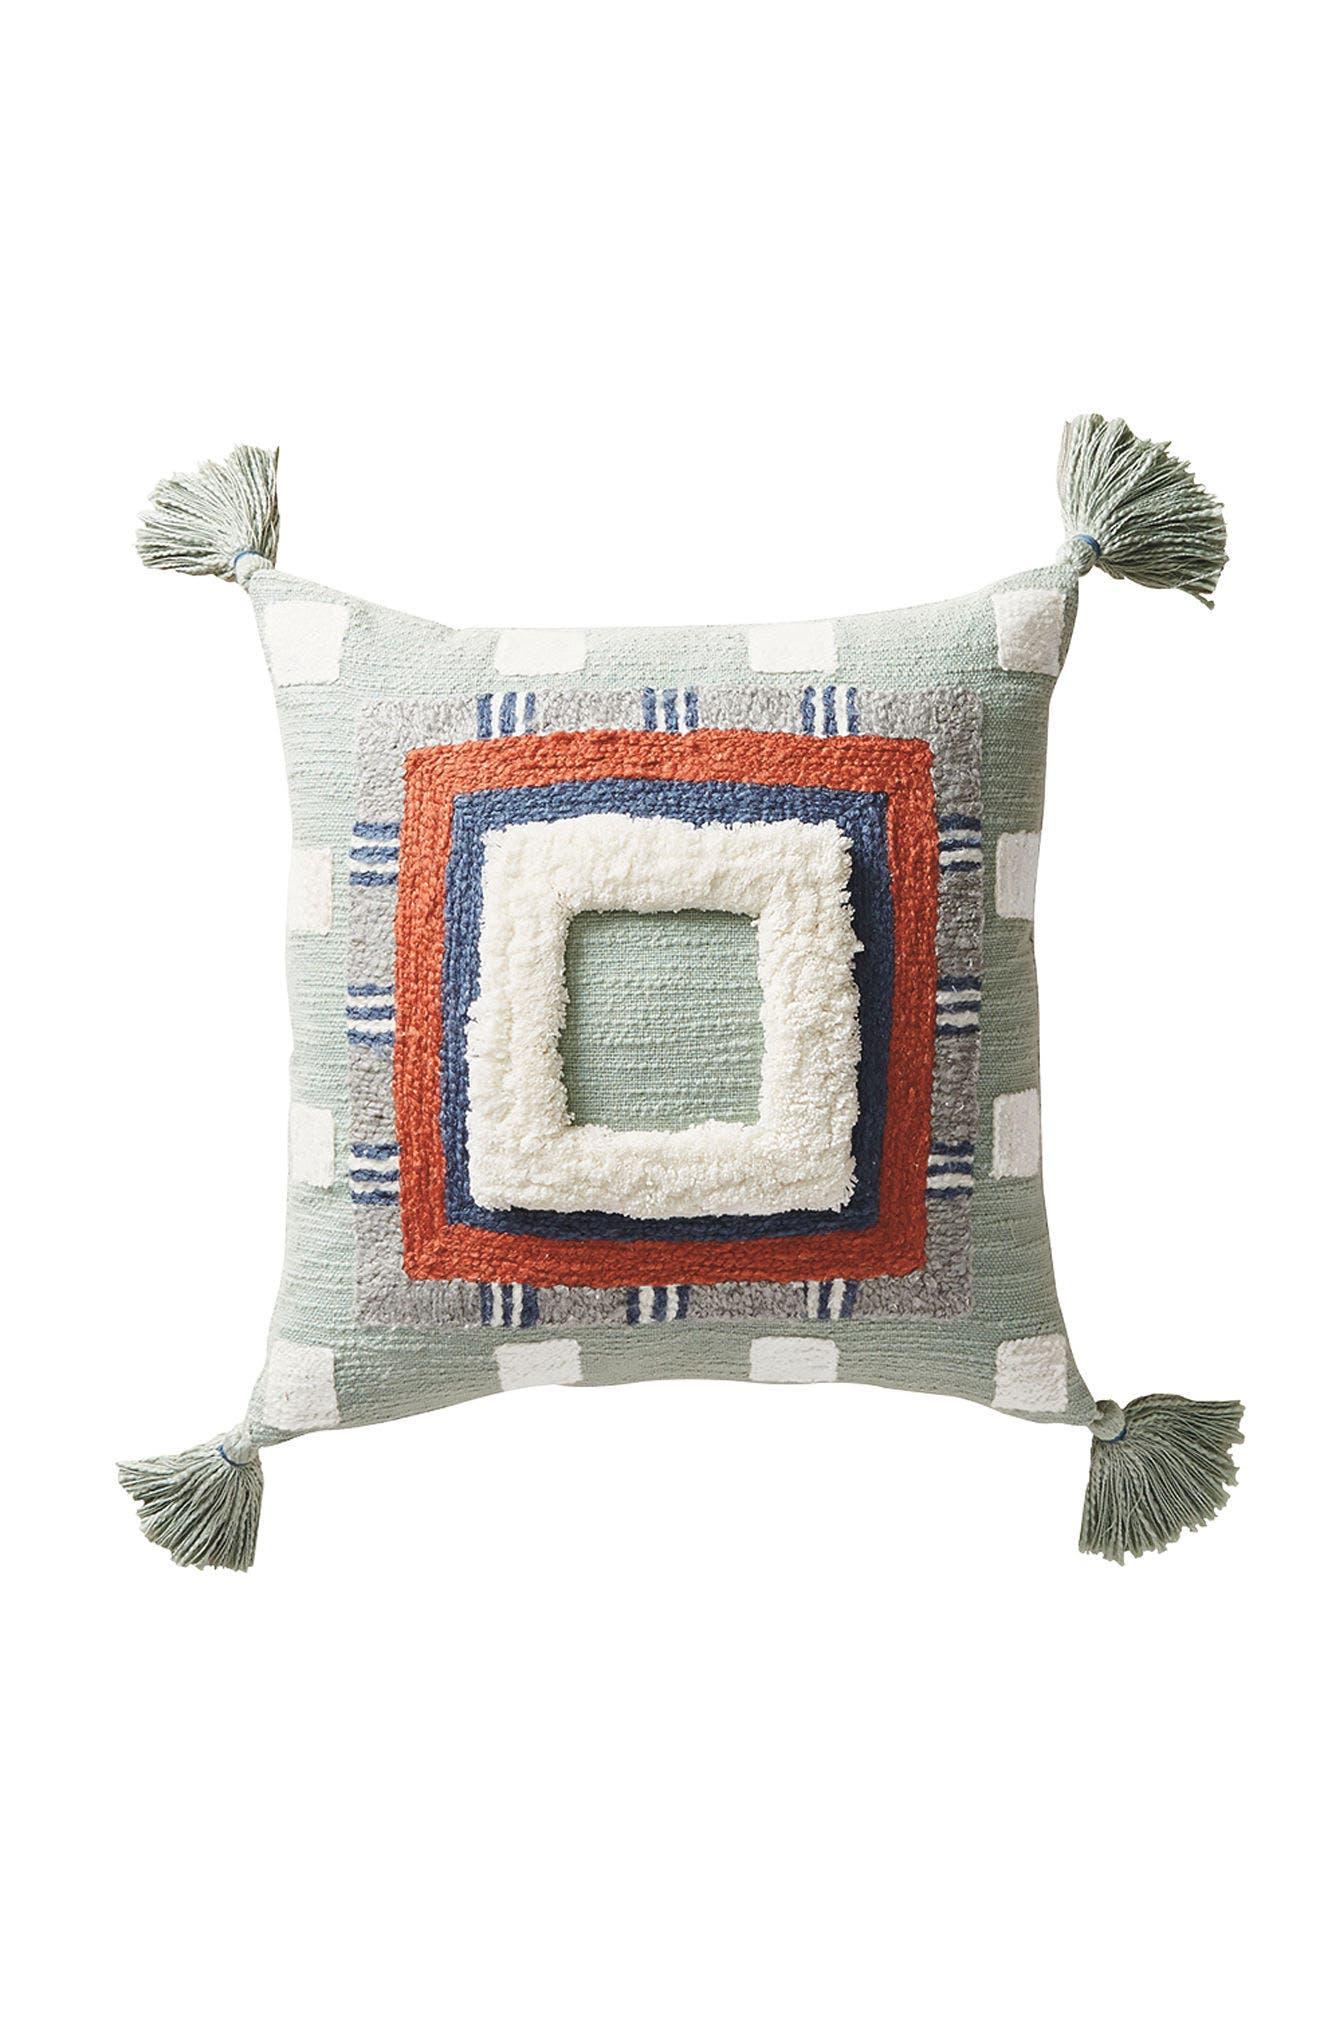 Rayas Lumbar Accent Pillow,                             Alternate thumbnail 6, color,                             600